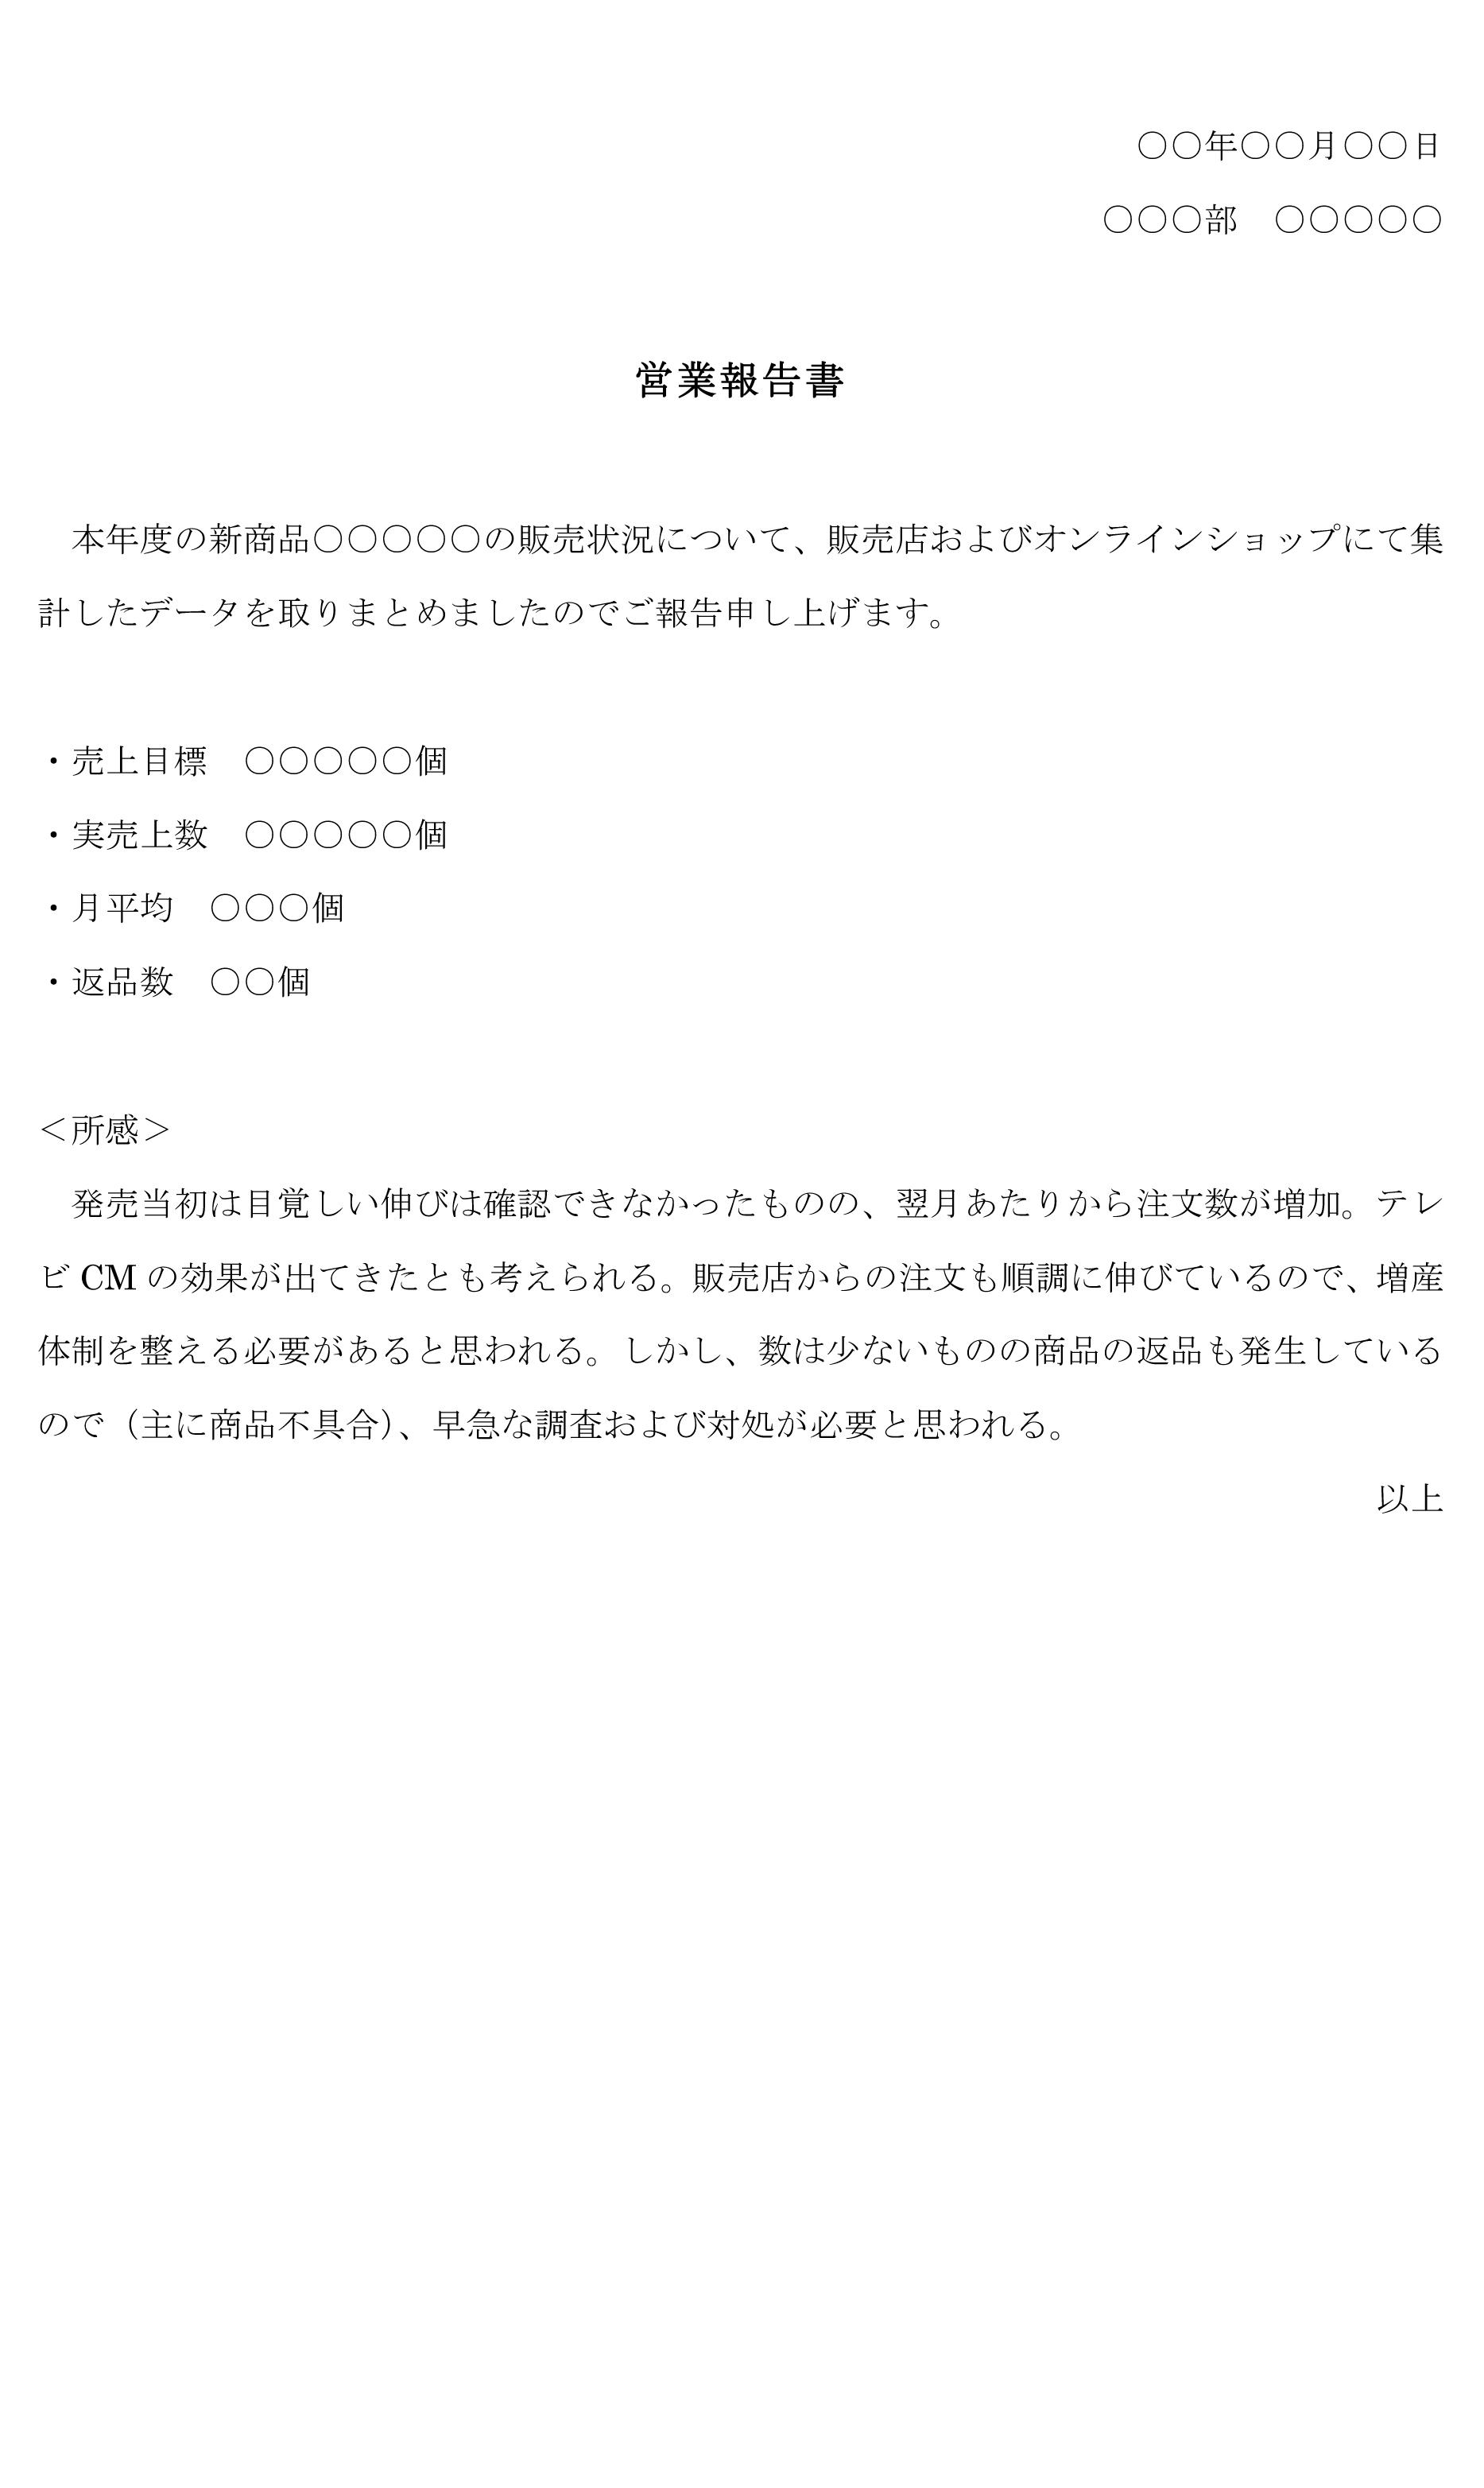 営業報告書05